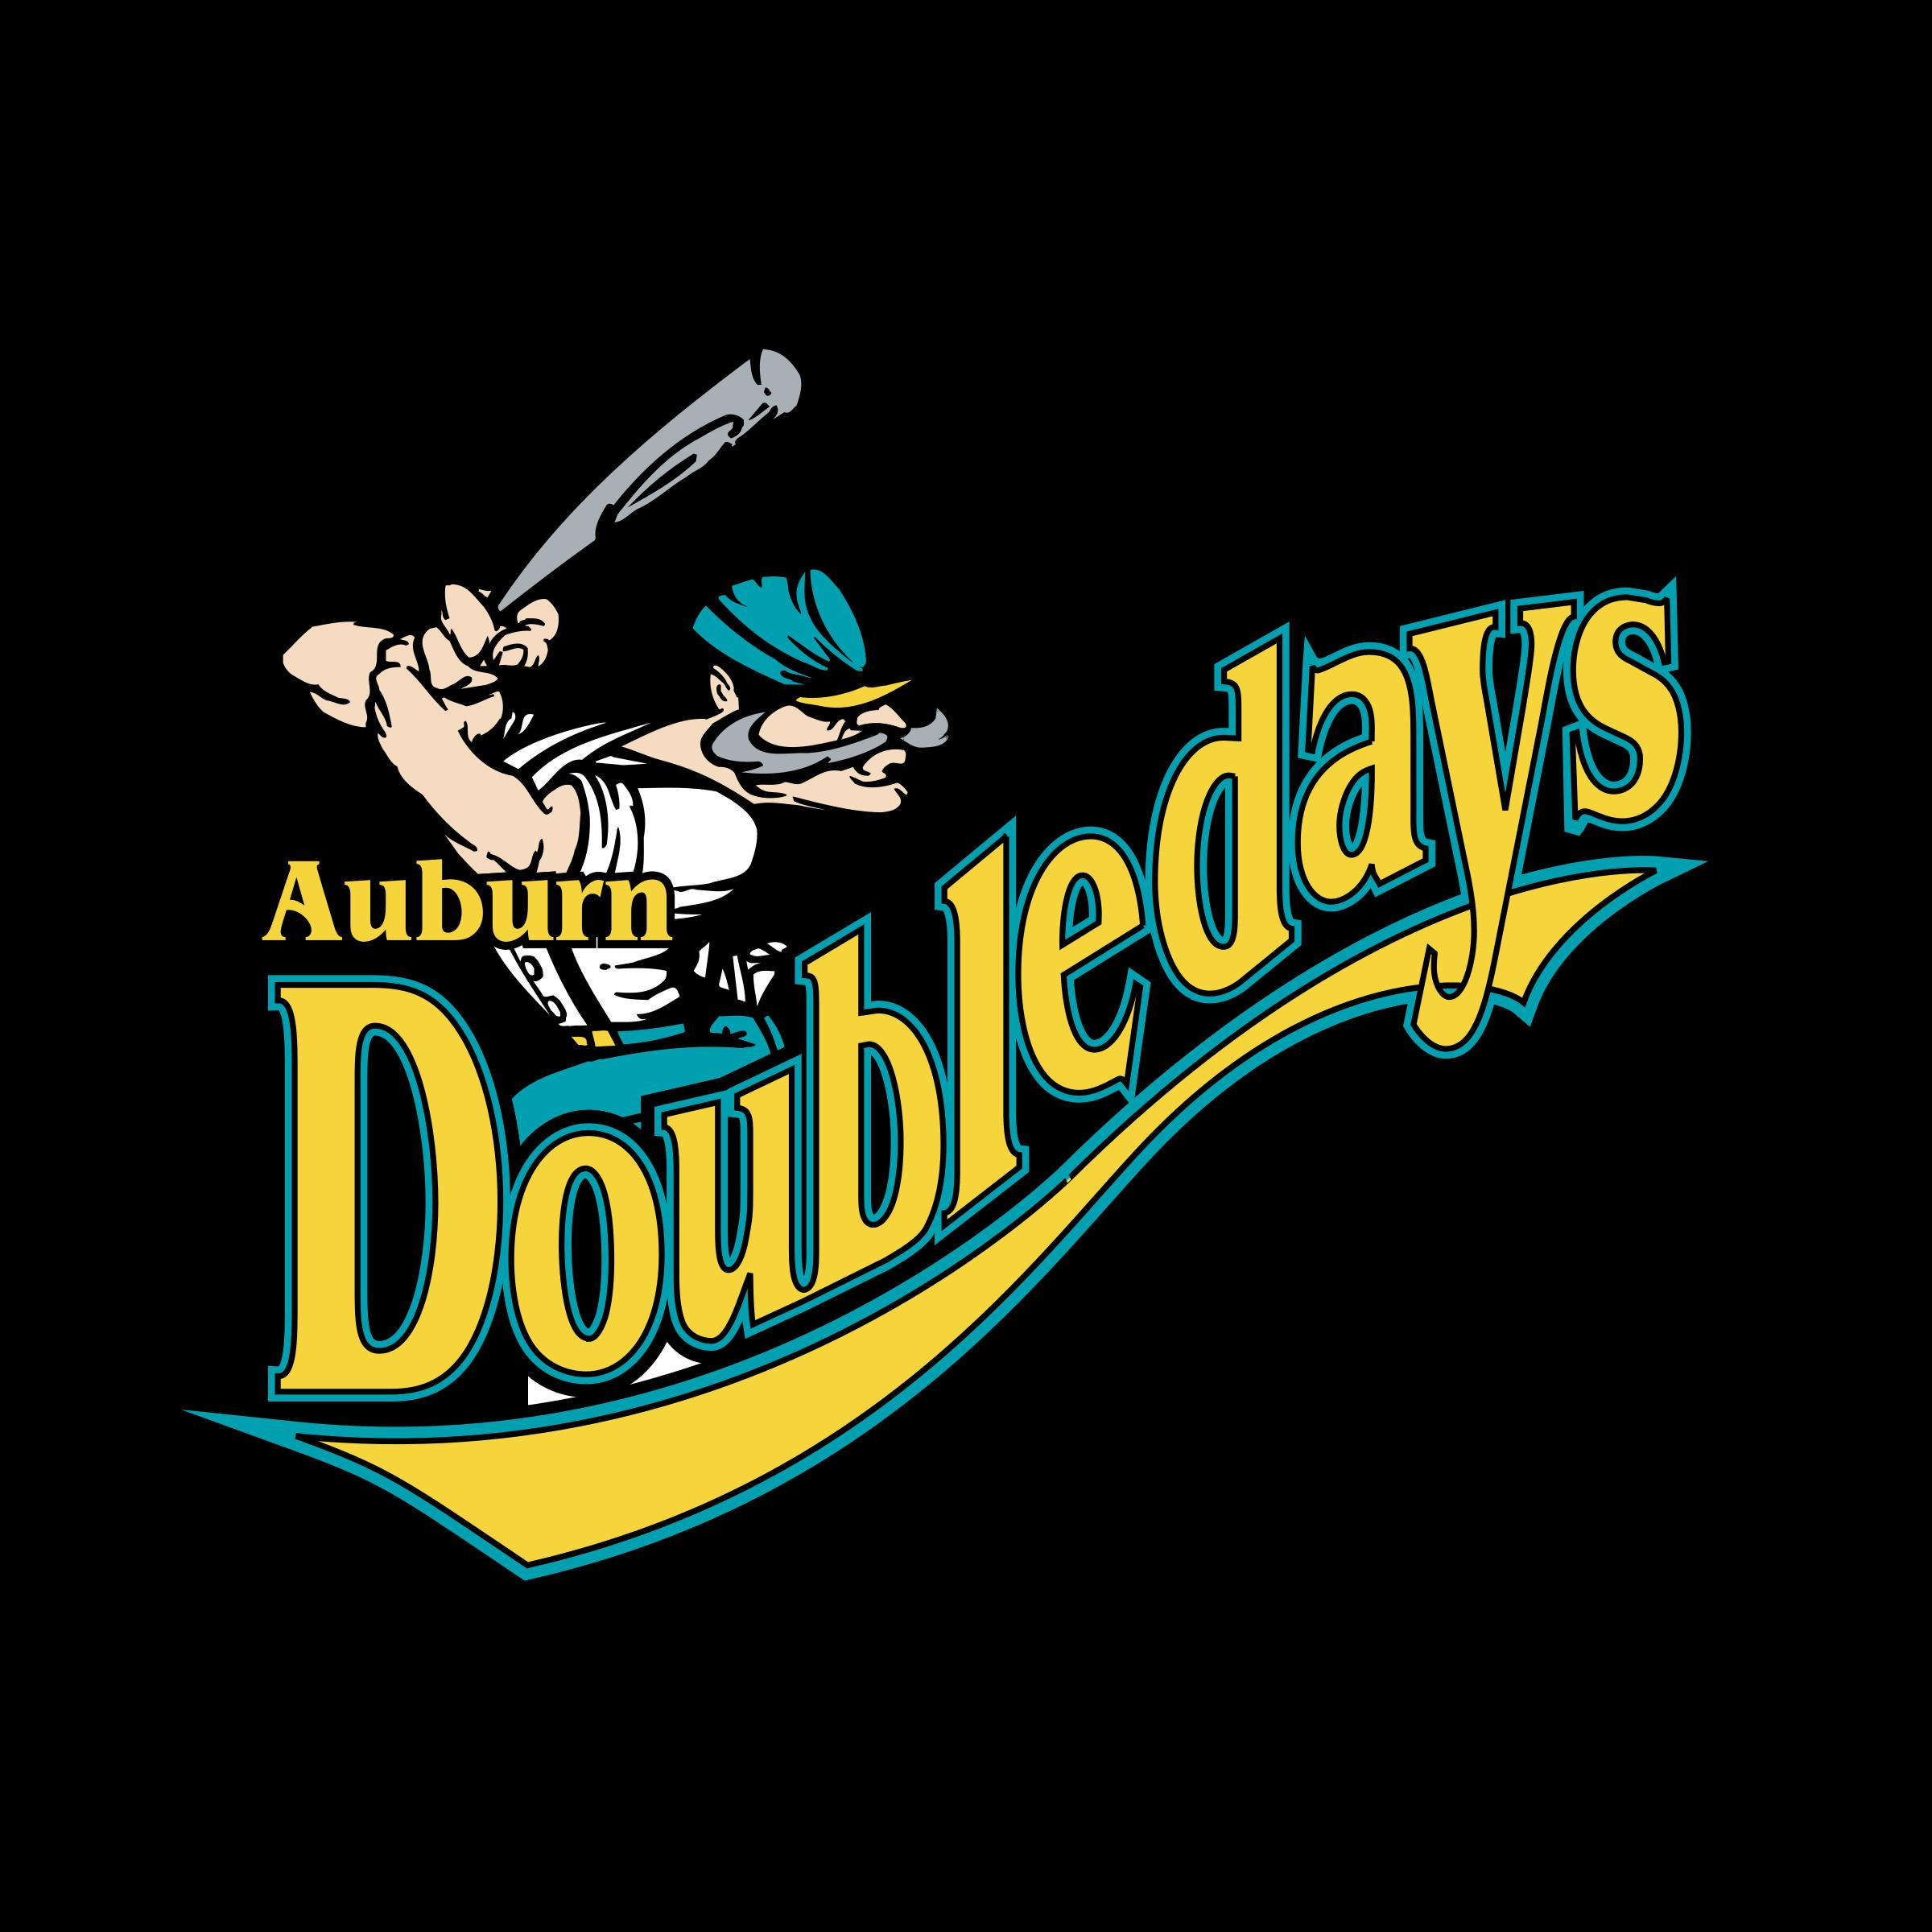 auburn doubledays twitter